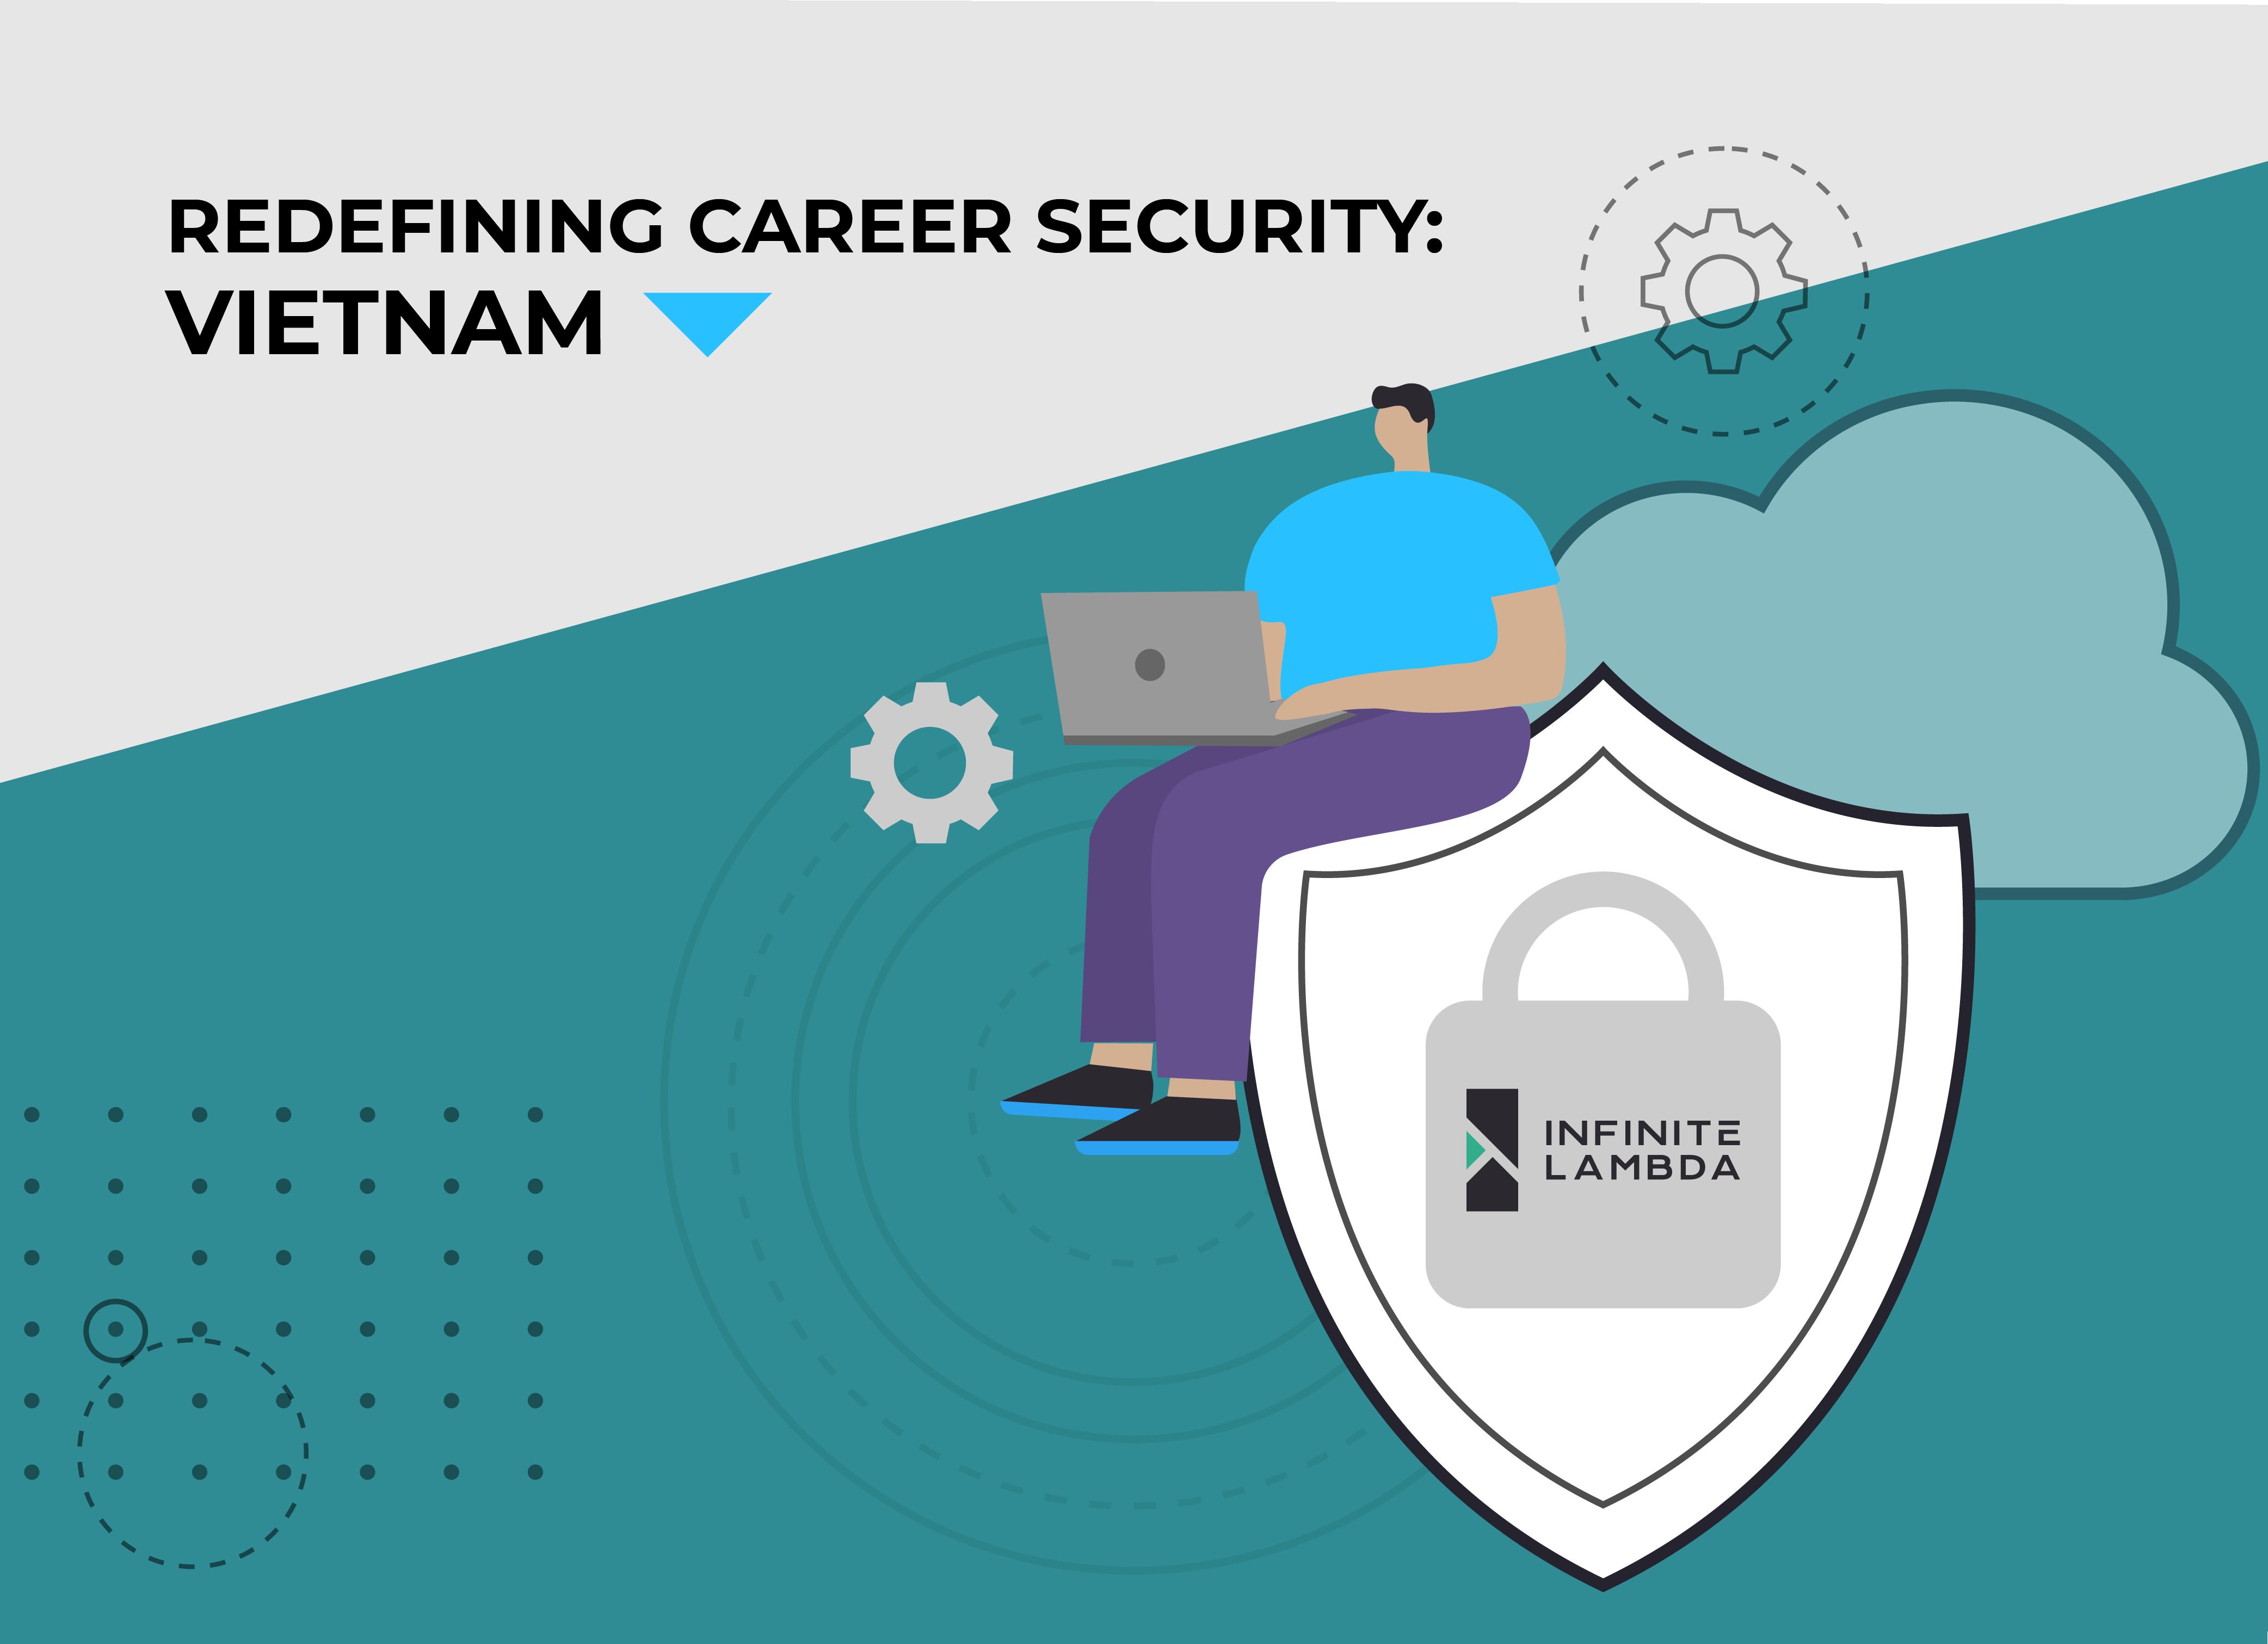 Redefining career security in Vietnam